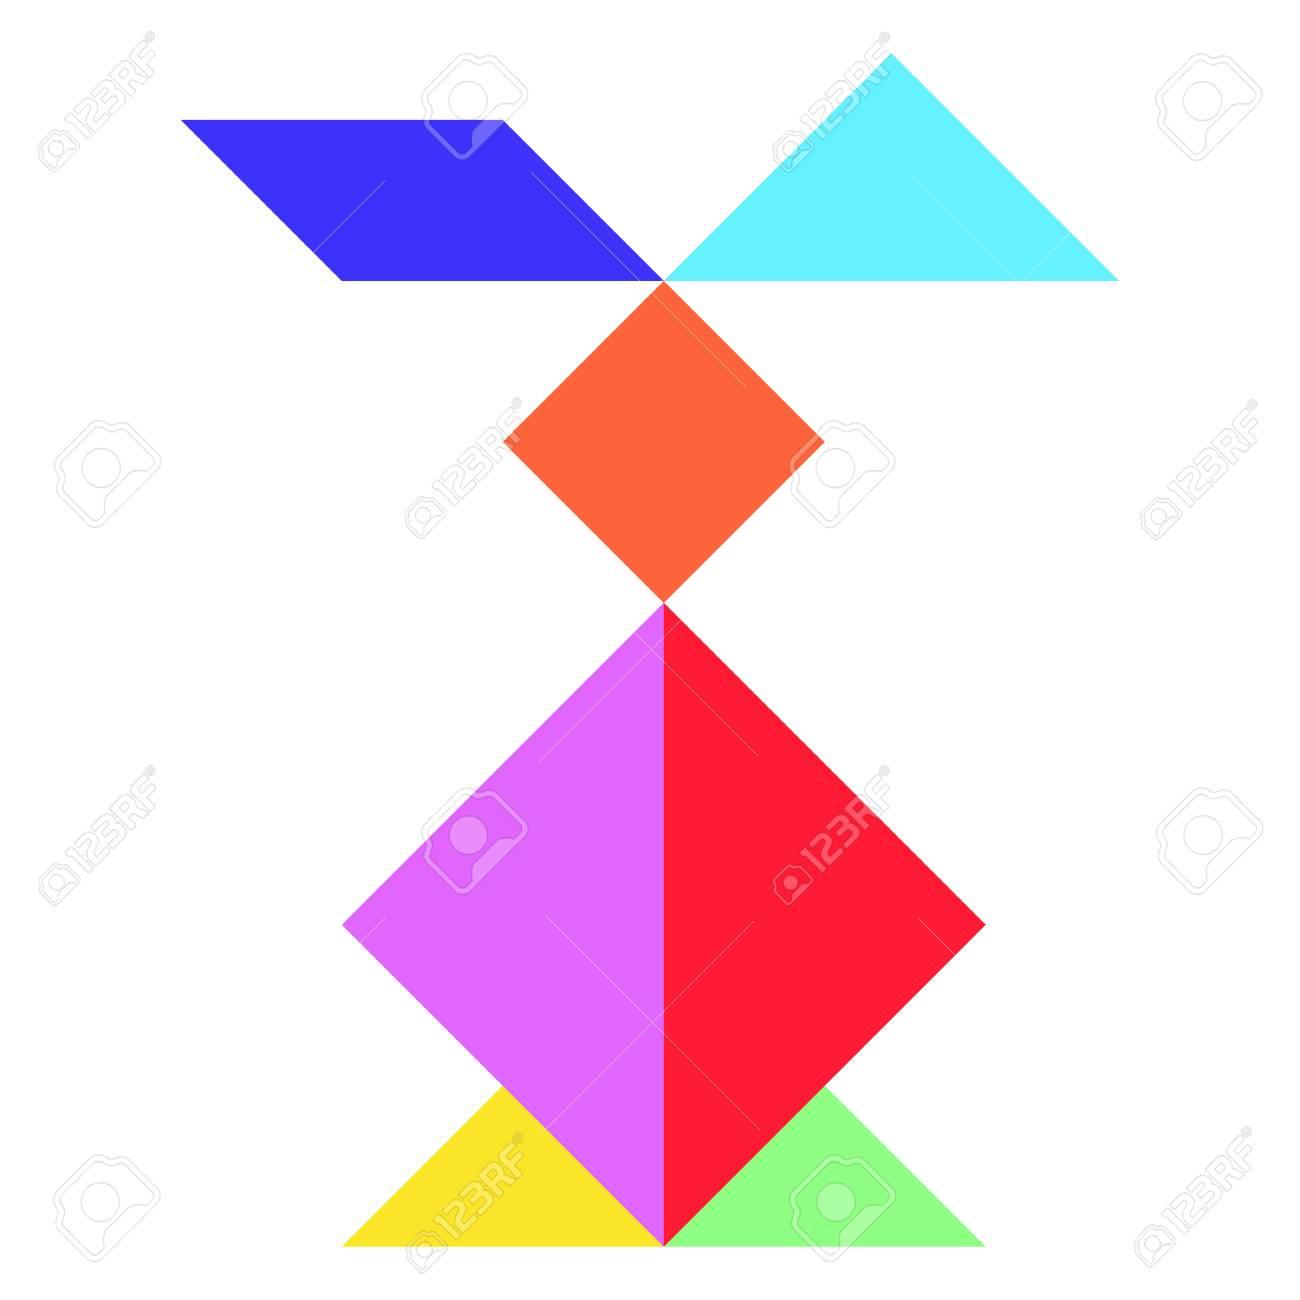 Color Tangram In Rabbit Shape On Whtie Background (Vector) avec Tangram Lapin